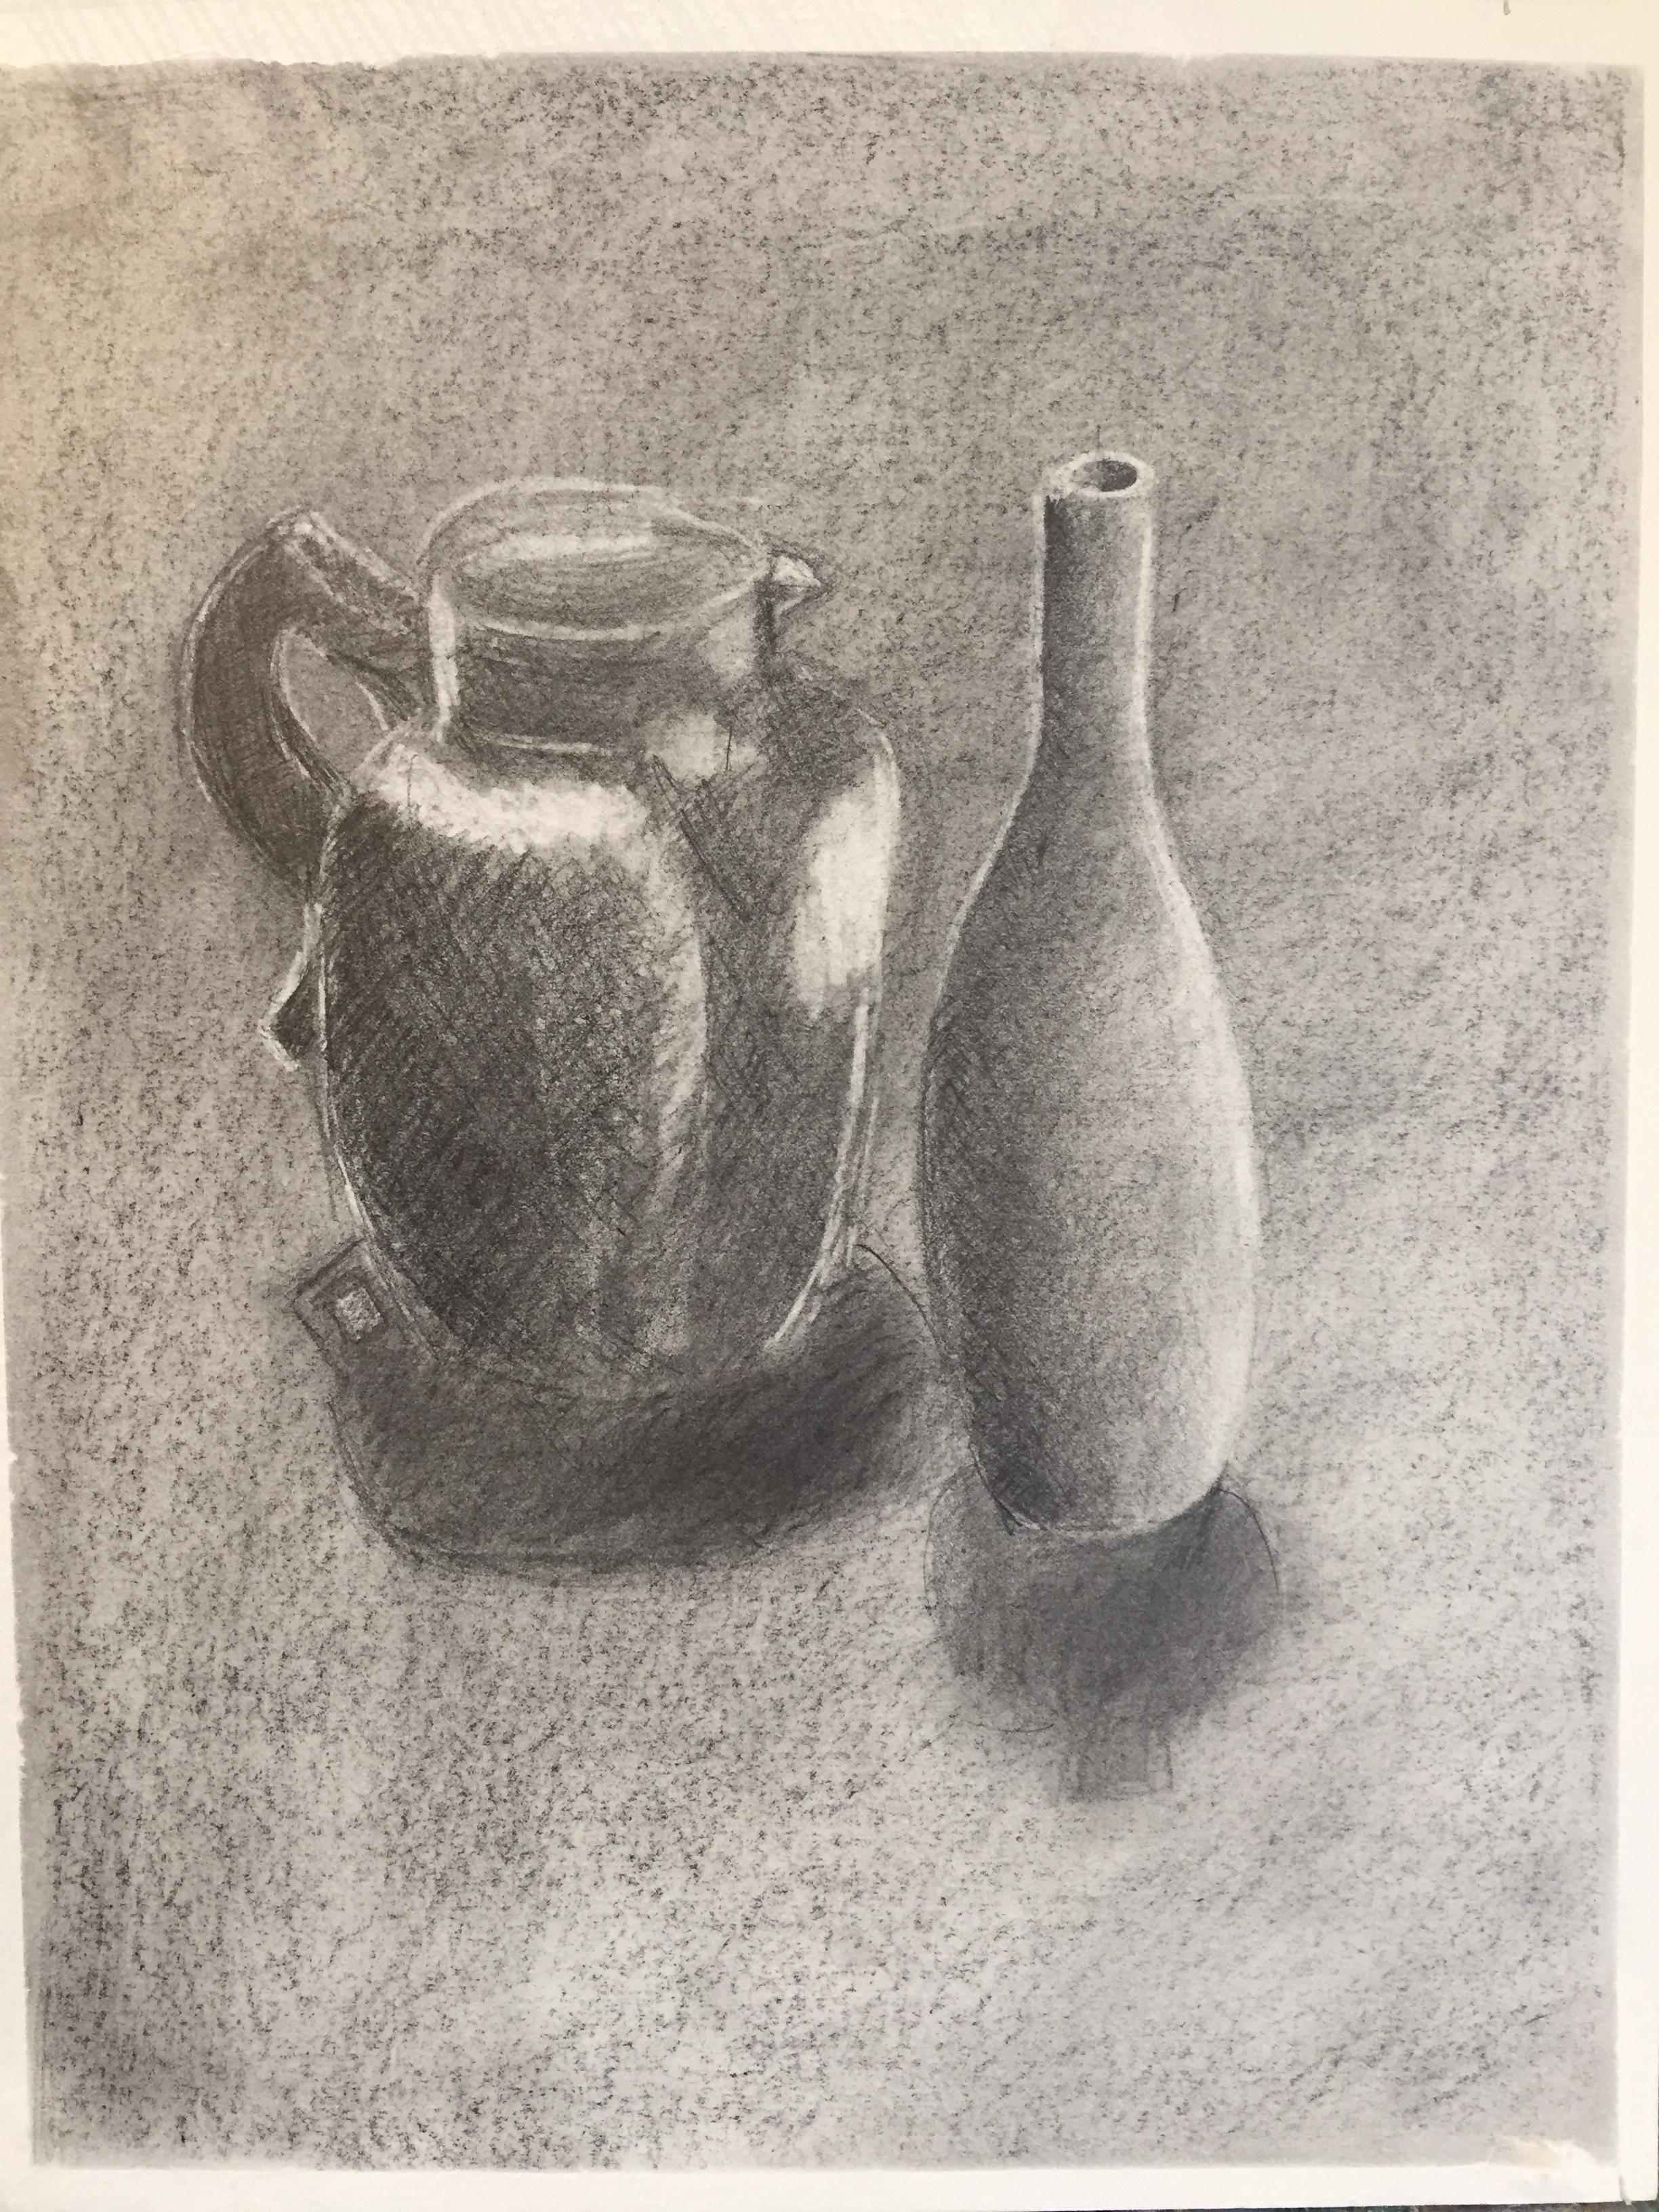 erase piece of jug and vase